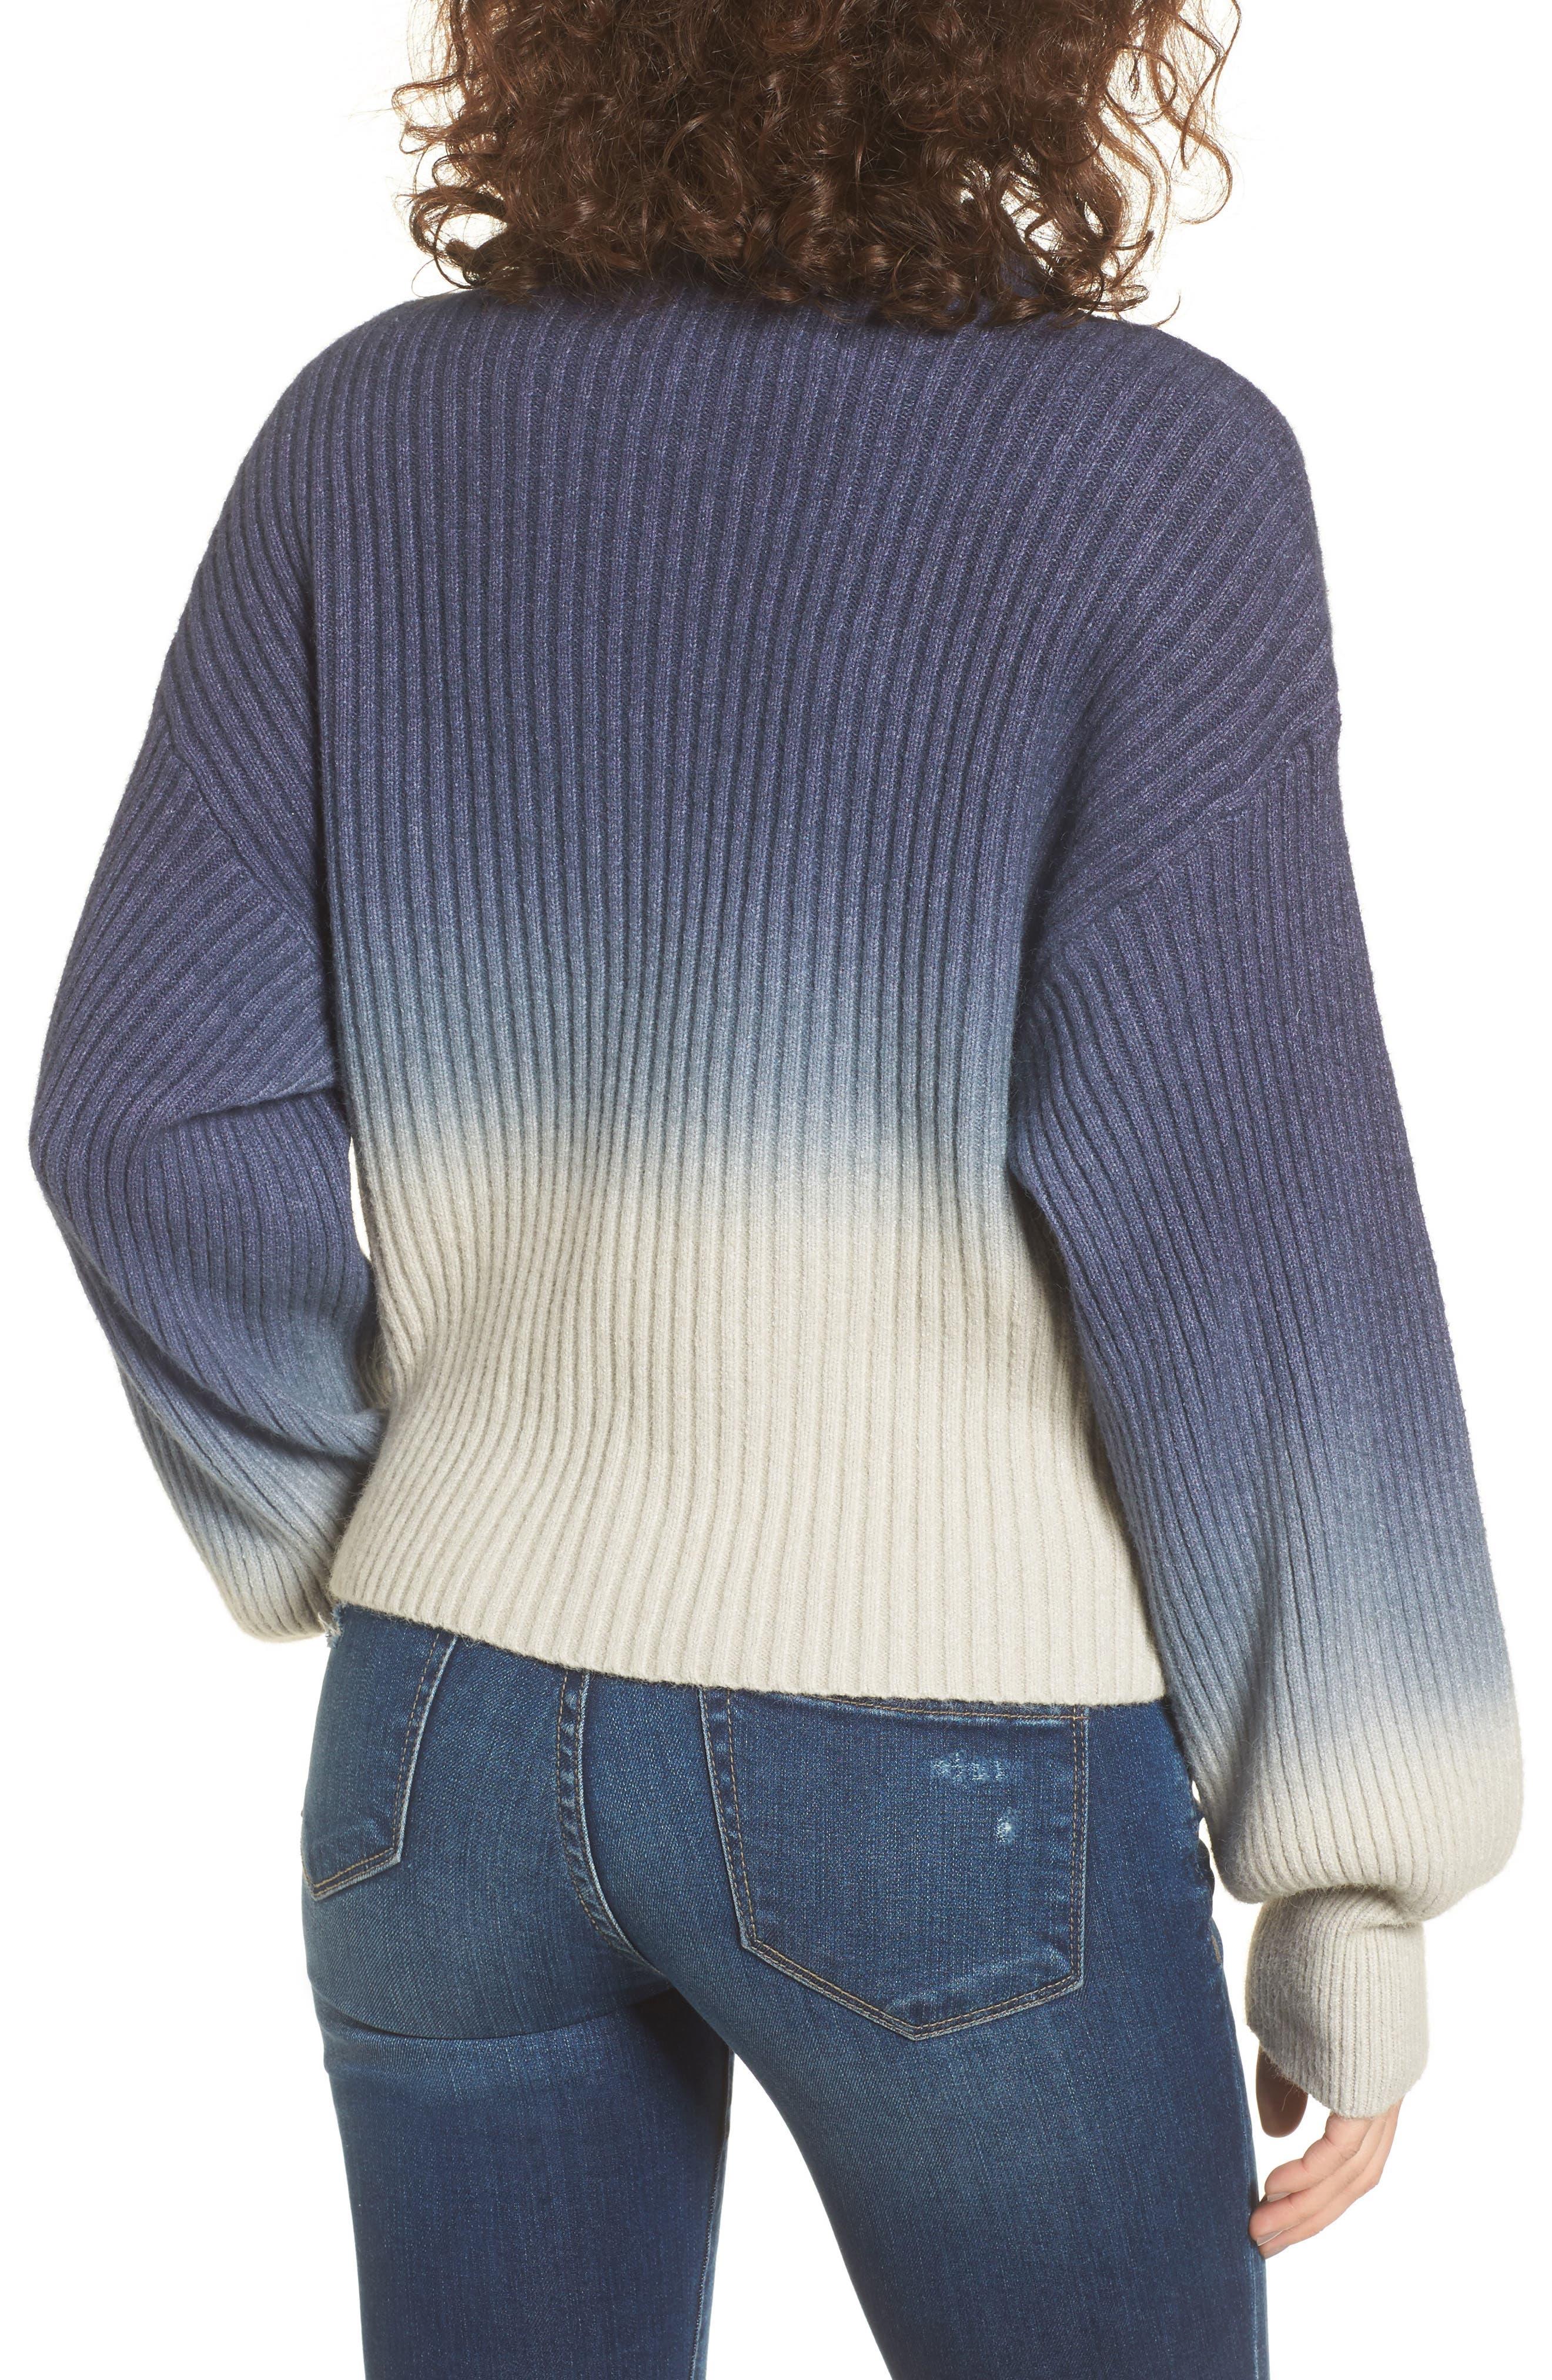 Ombré Sweater,                             Alternate thumbnail 2, color,                             Blue/ White